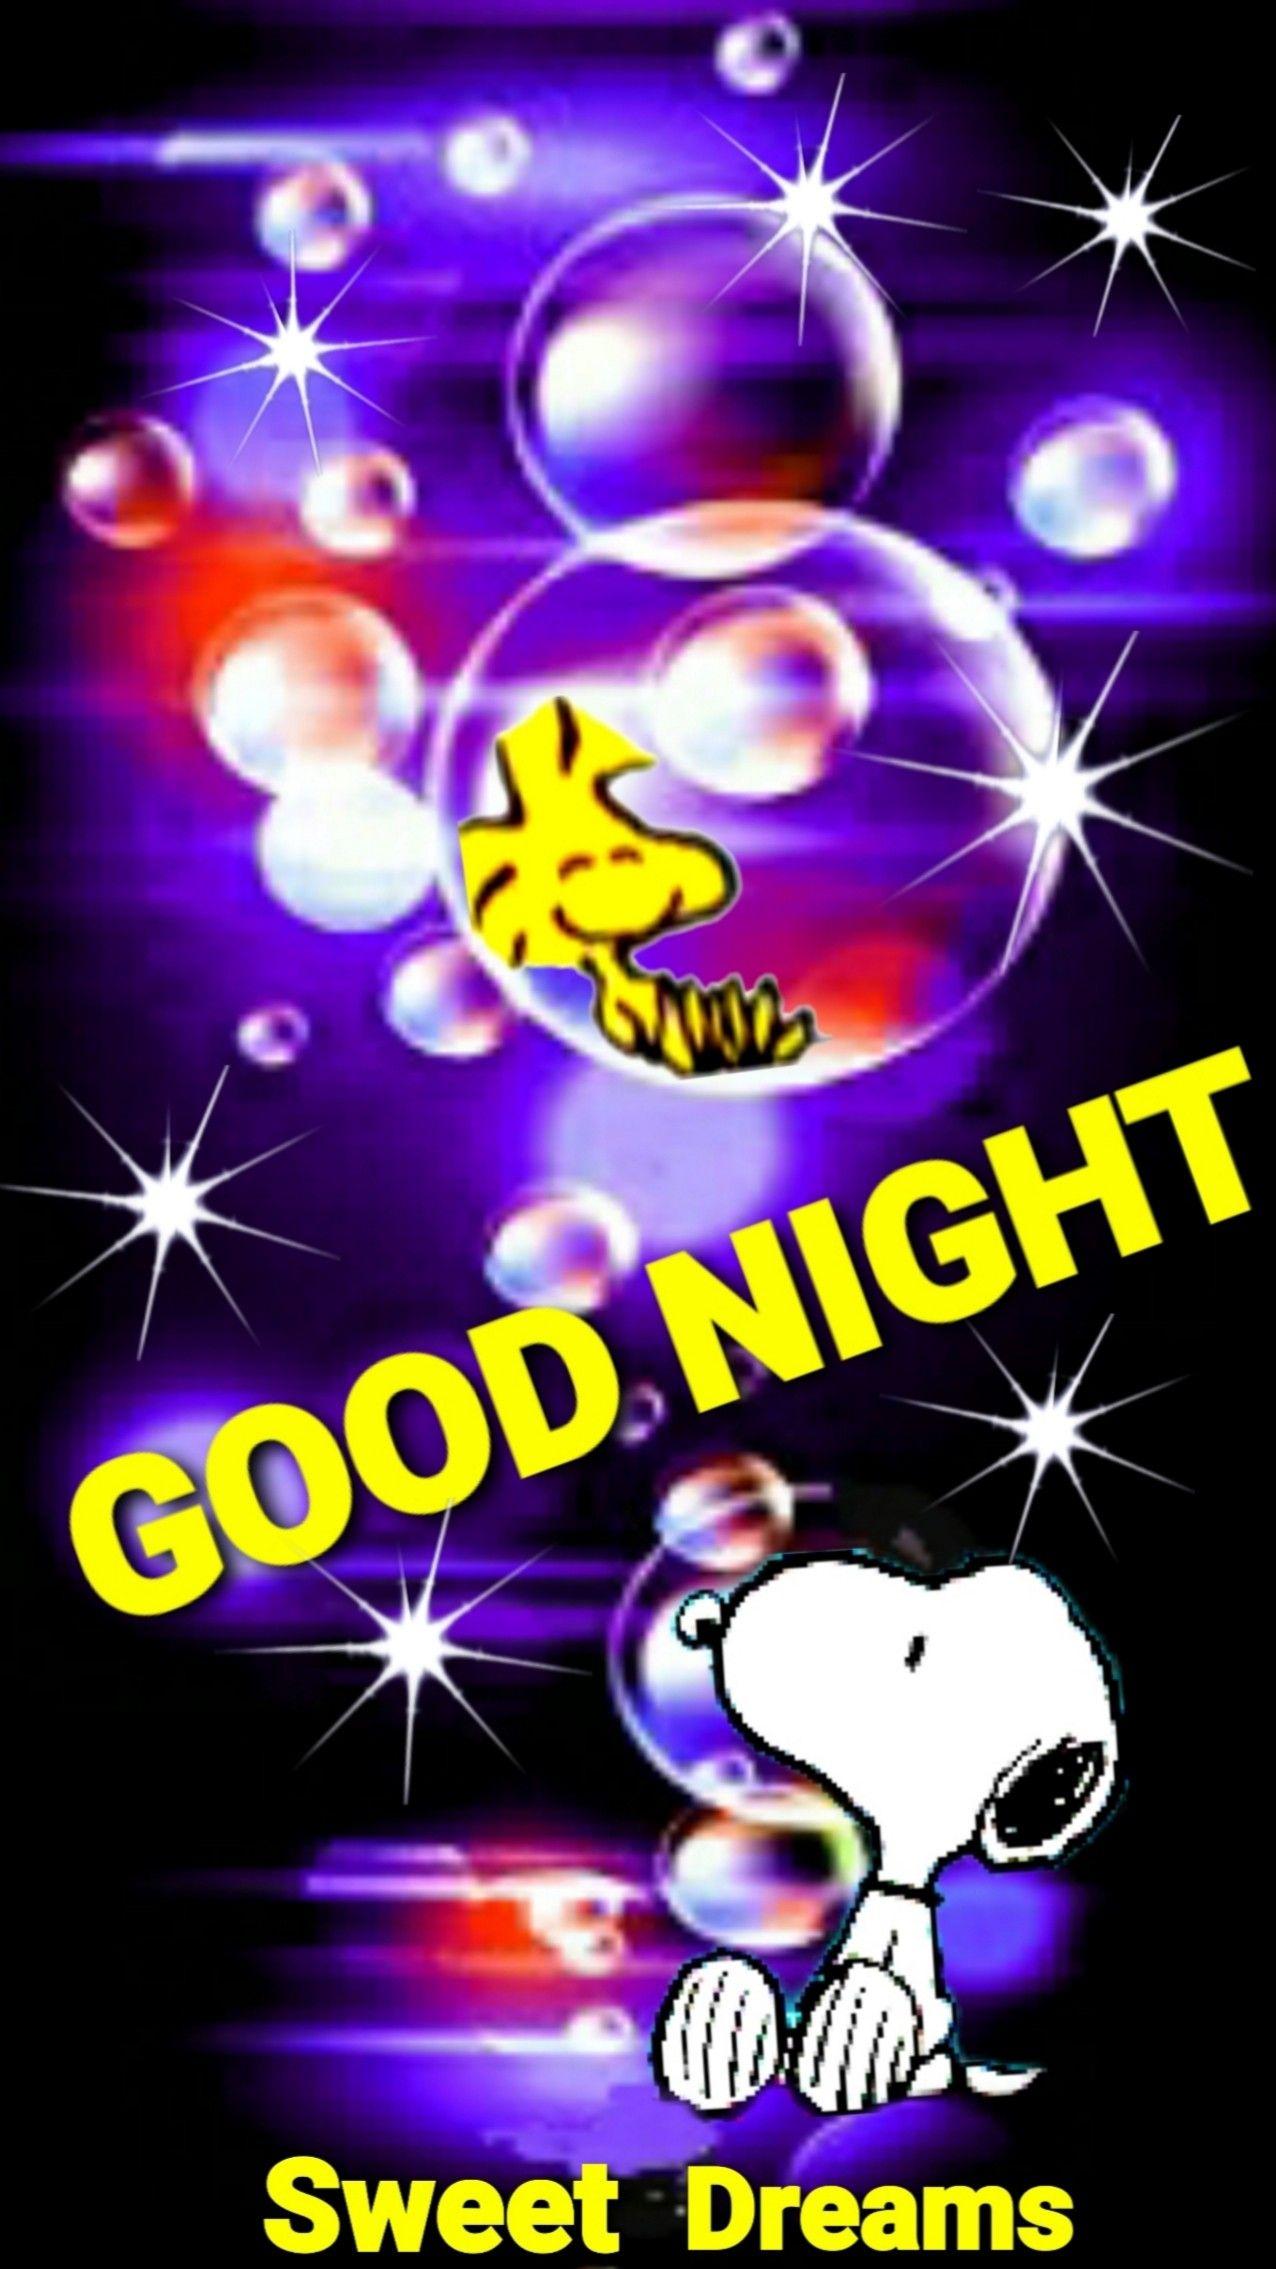 スヌーピー Good Night In 2020 Snoopy Images Good Night Sweet Dreams Good Night